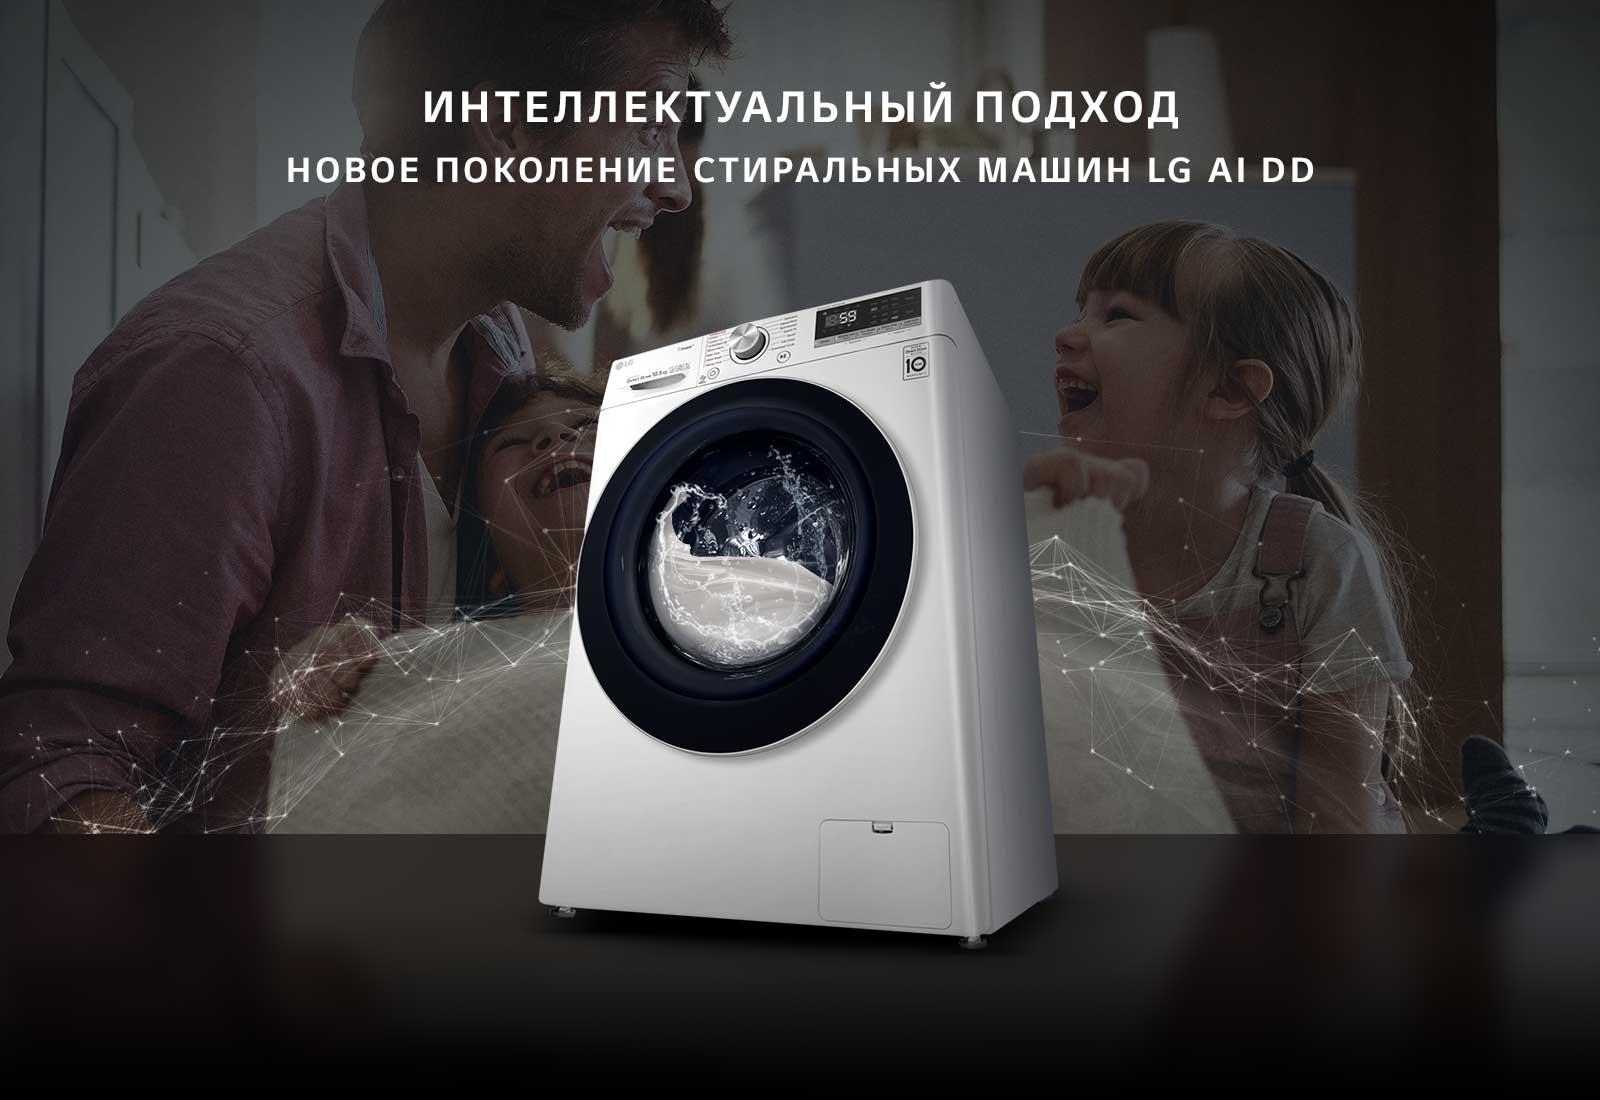 LG AI DD Стиральная машина нового поколения